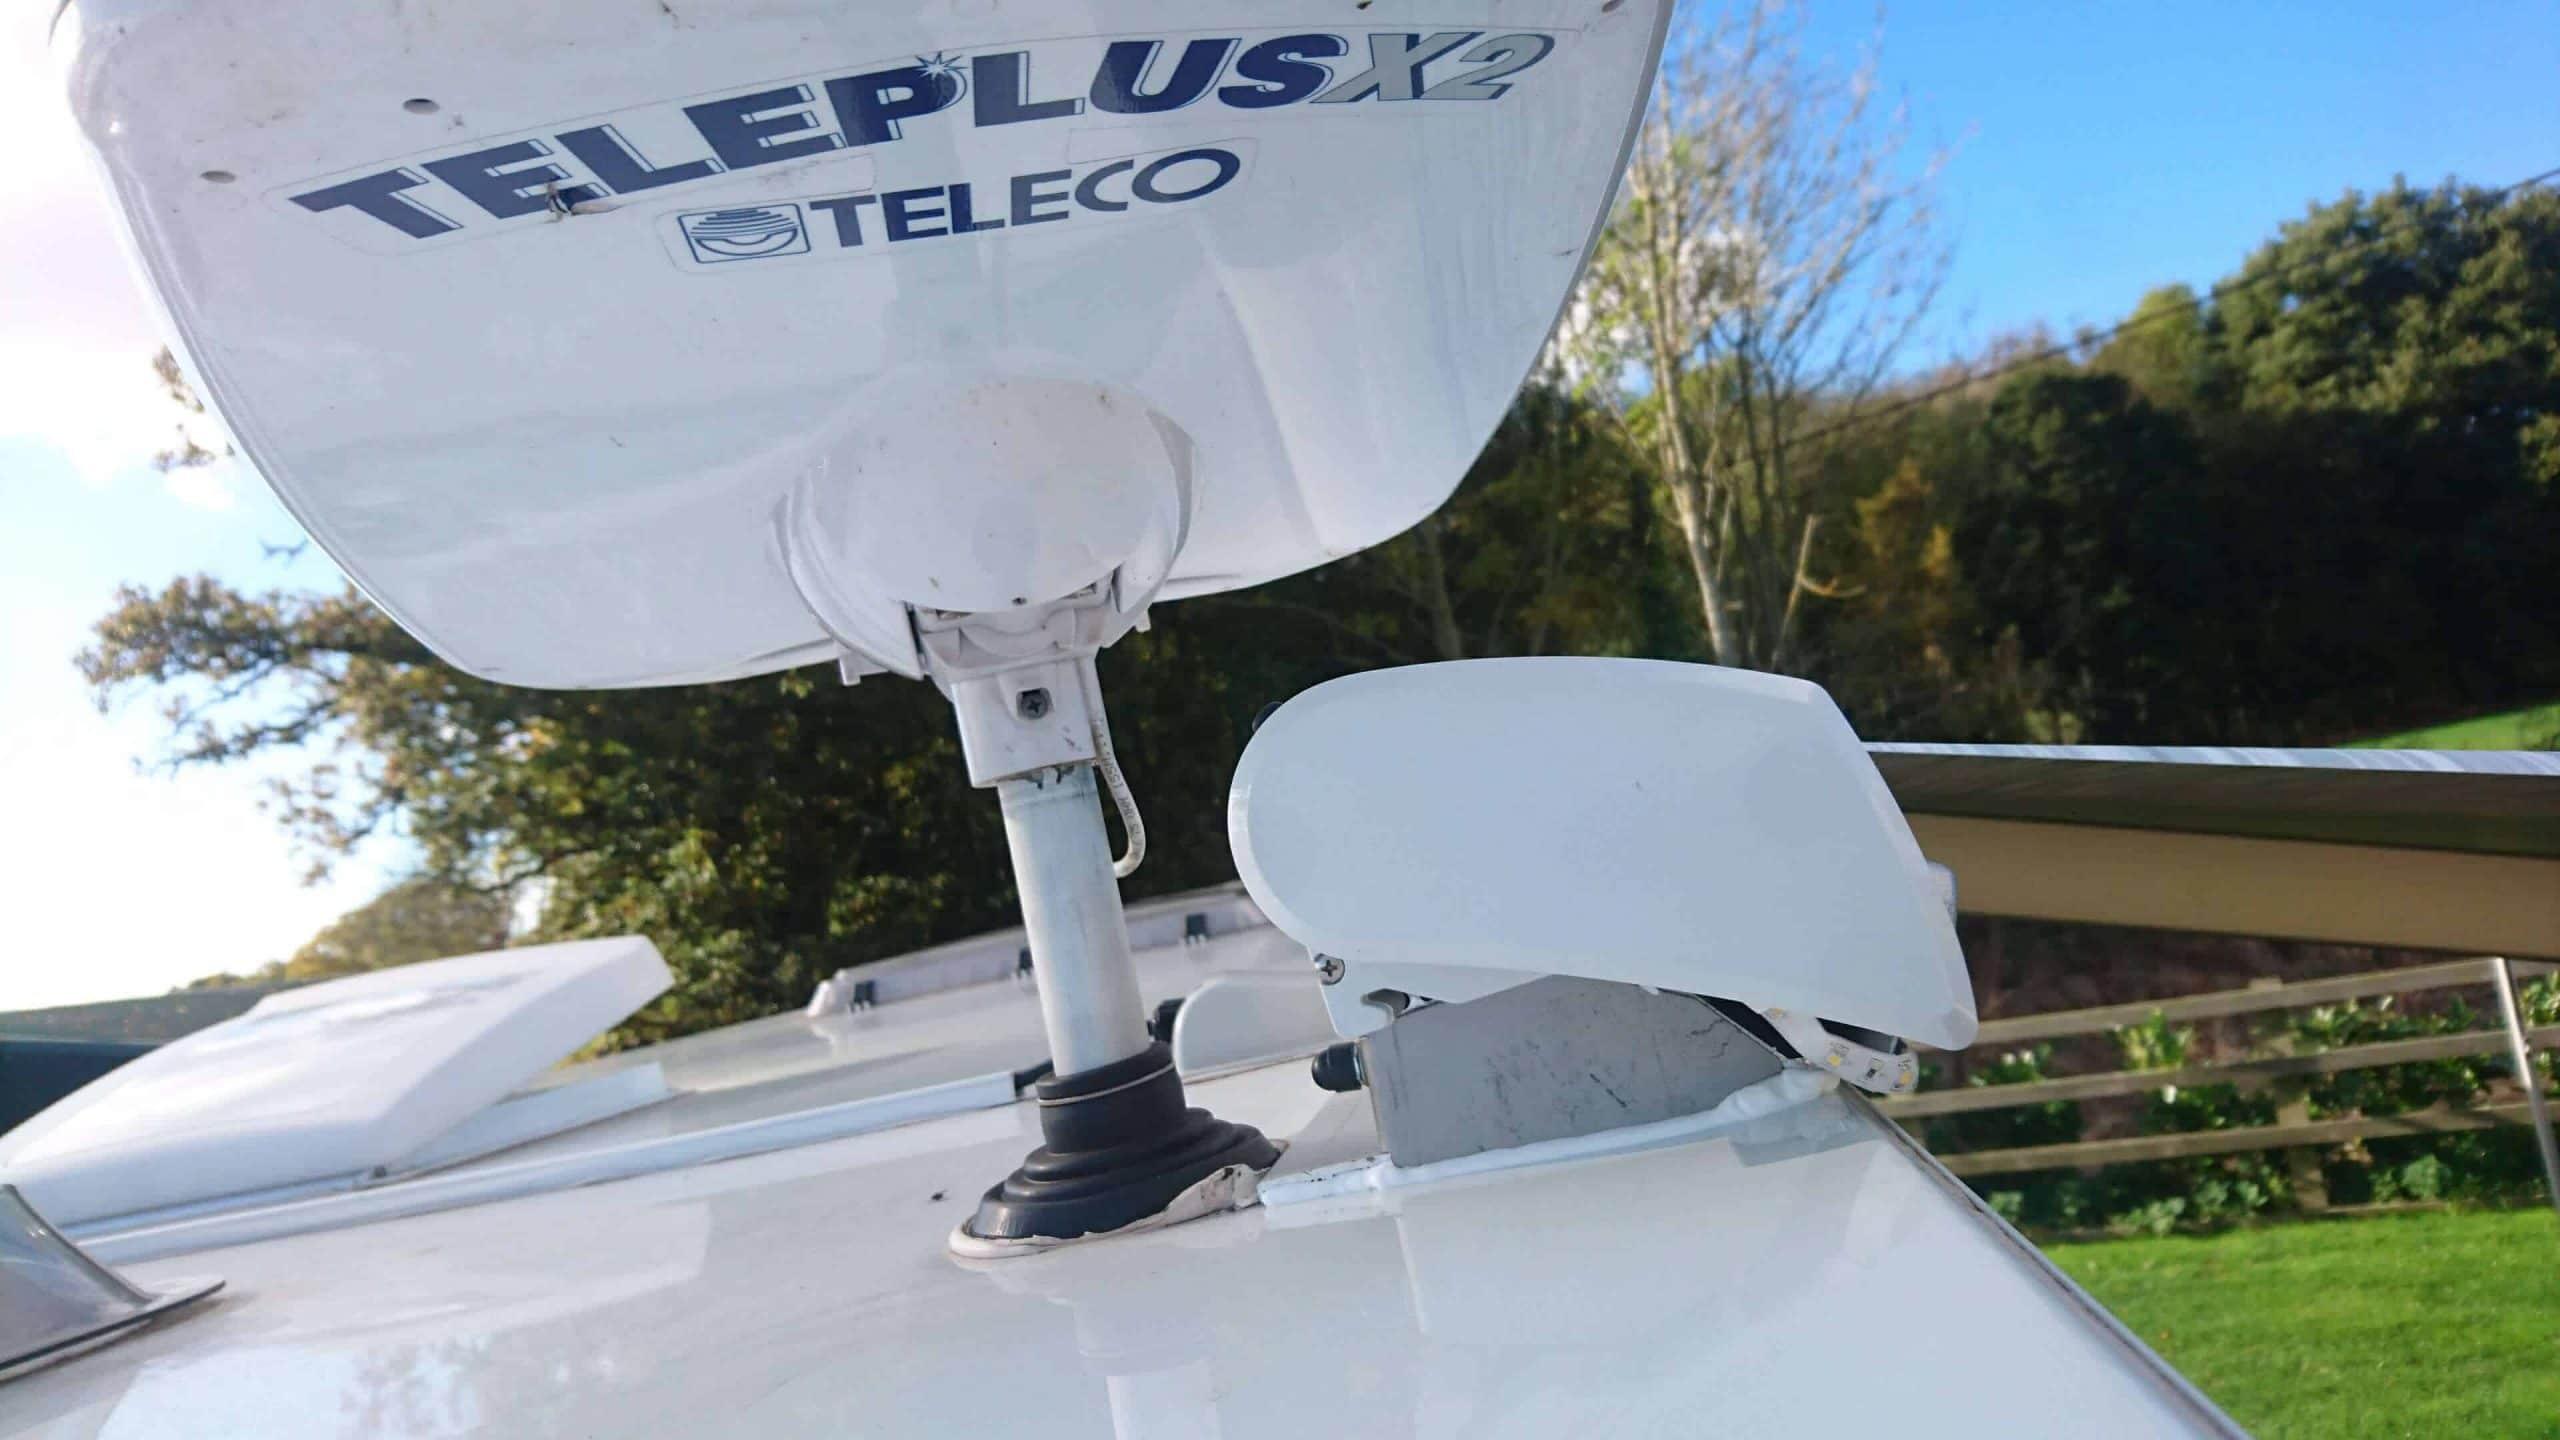 Thule 6200 caravan roof adapter